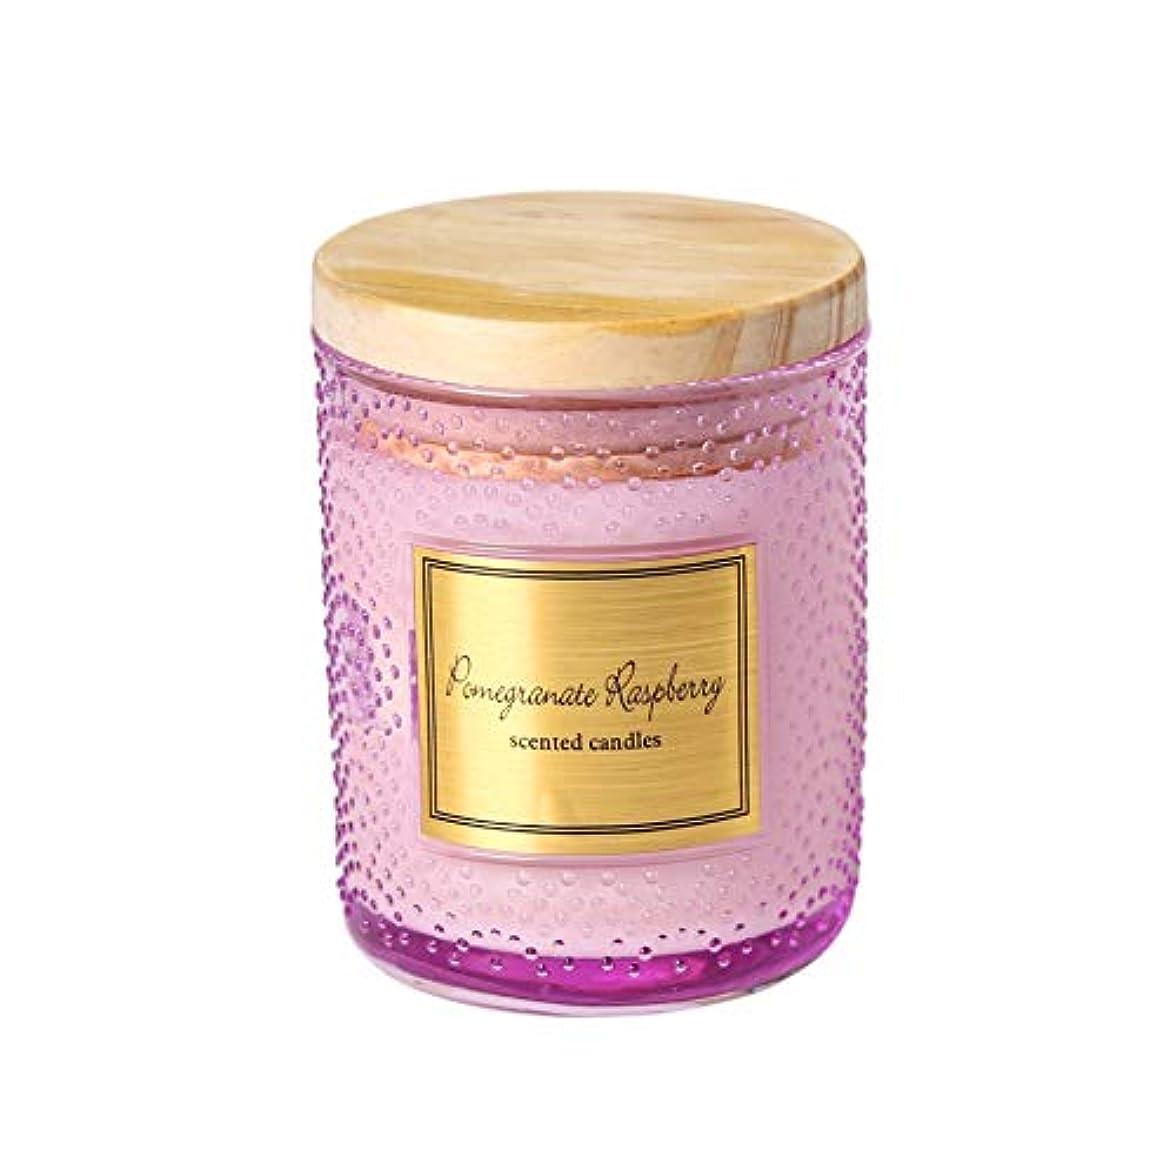 周波数報告書したがってGuomao 大豆ワックスカップアロマセラピーキャンドルカップ手作りキャンドルウェディングキャンドルカラーキャンドルハンドギフトボックス (色 : Polka dot purple)